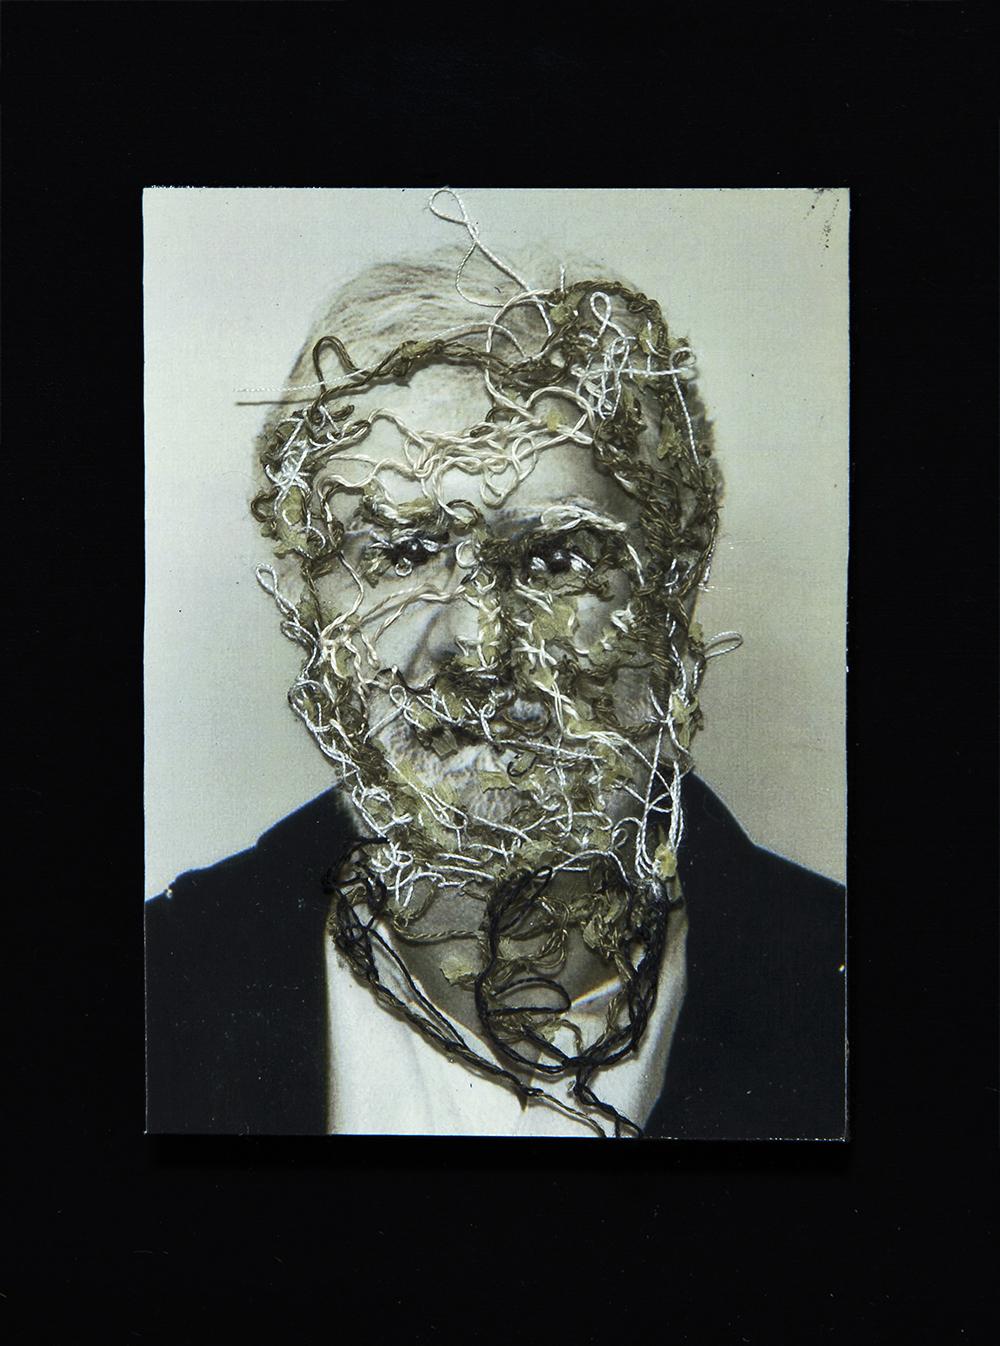 Mi primer profesor de fotografía, Manuel Sendón. A flor de piel, 15. 10x15 cm. Fotografía, hilo y piel. 2013